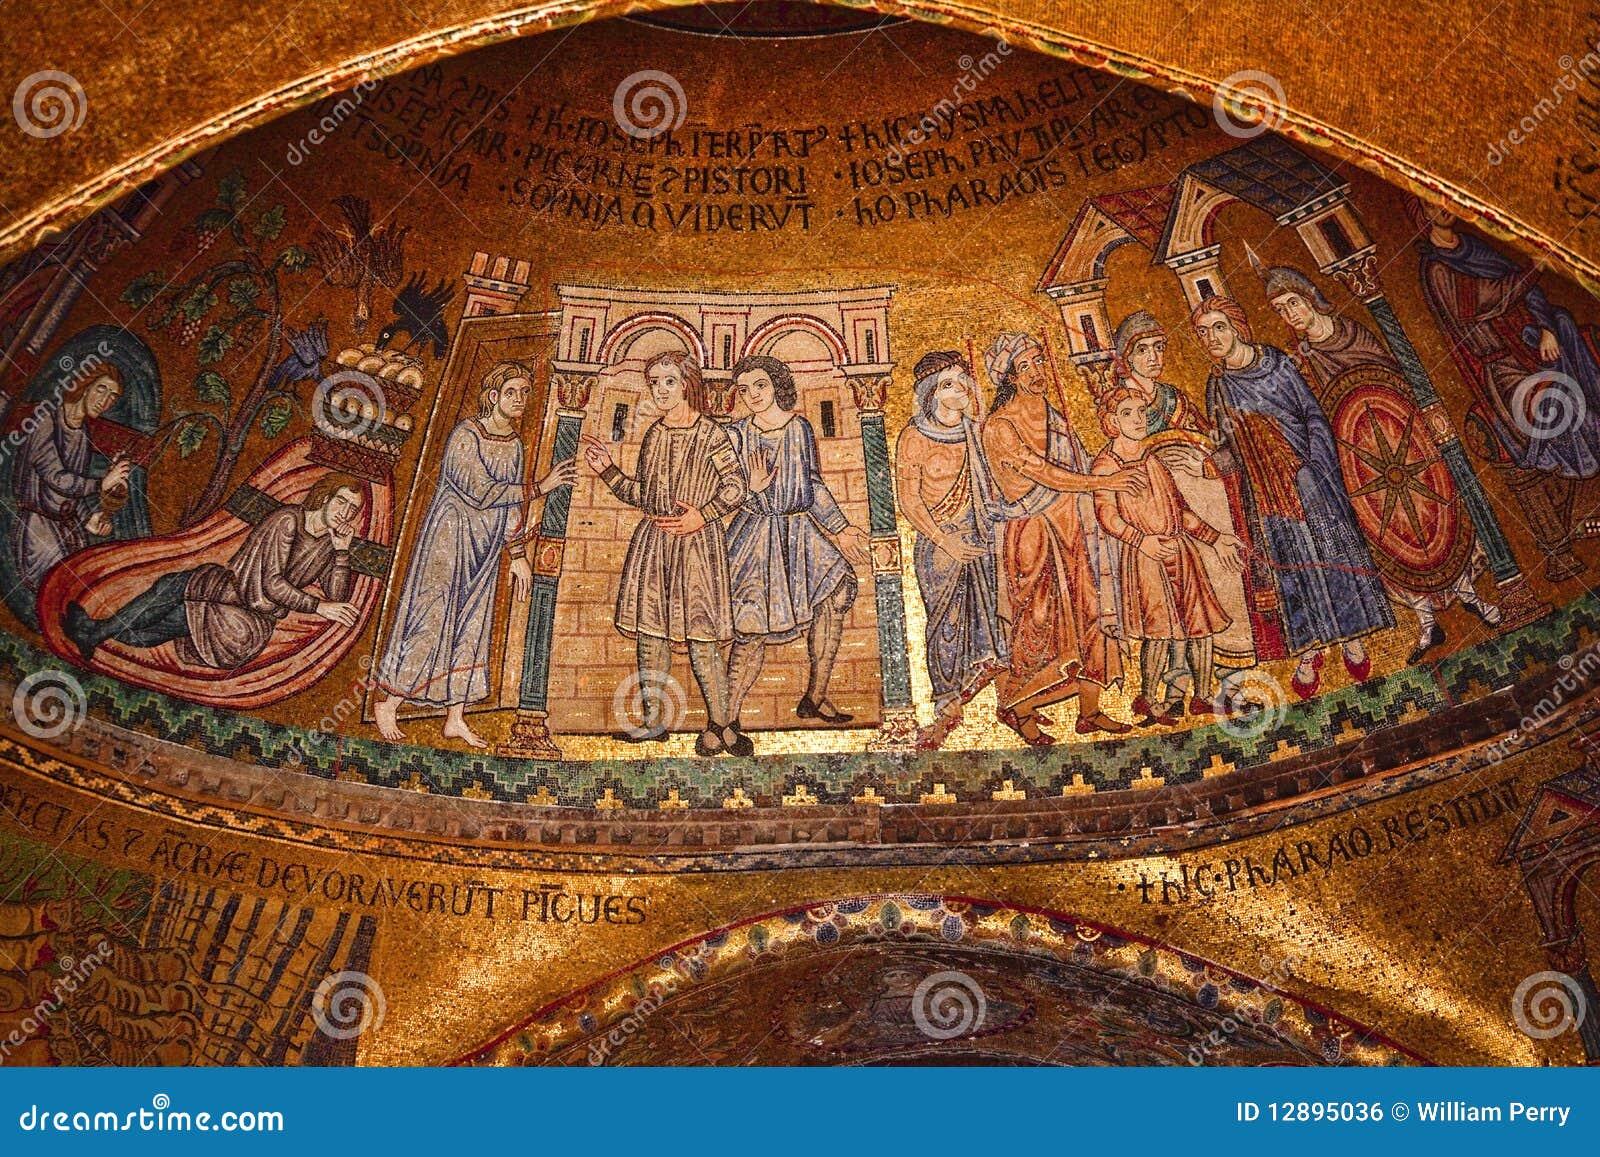 Mosaico Venecia Italia De La Basílica De San Marcos Stock Images ...